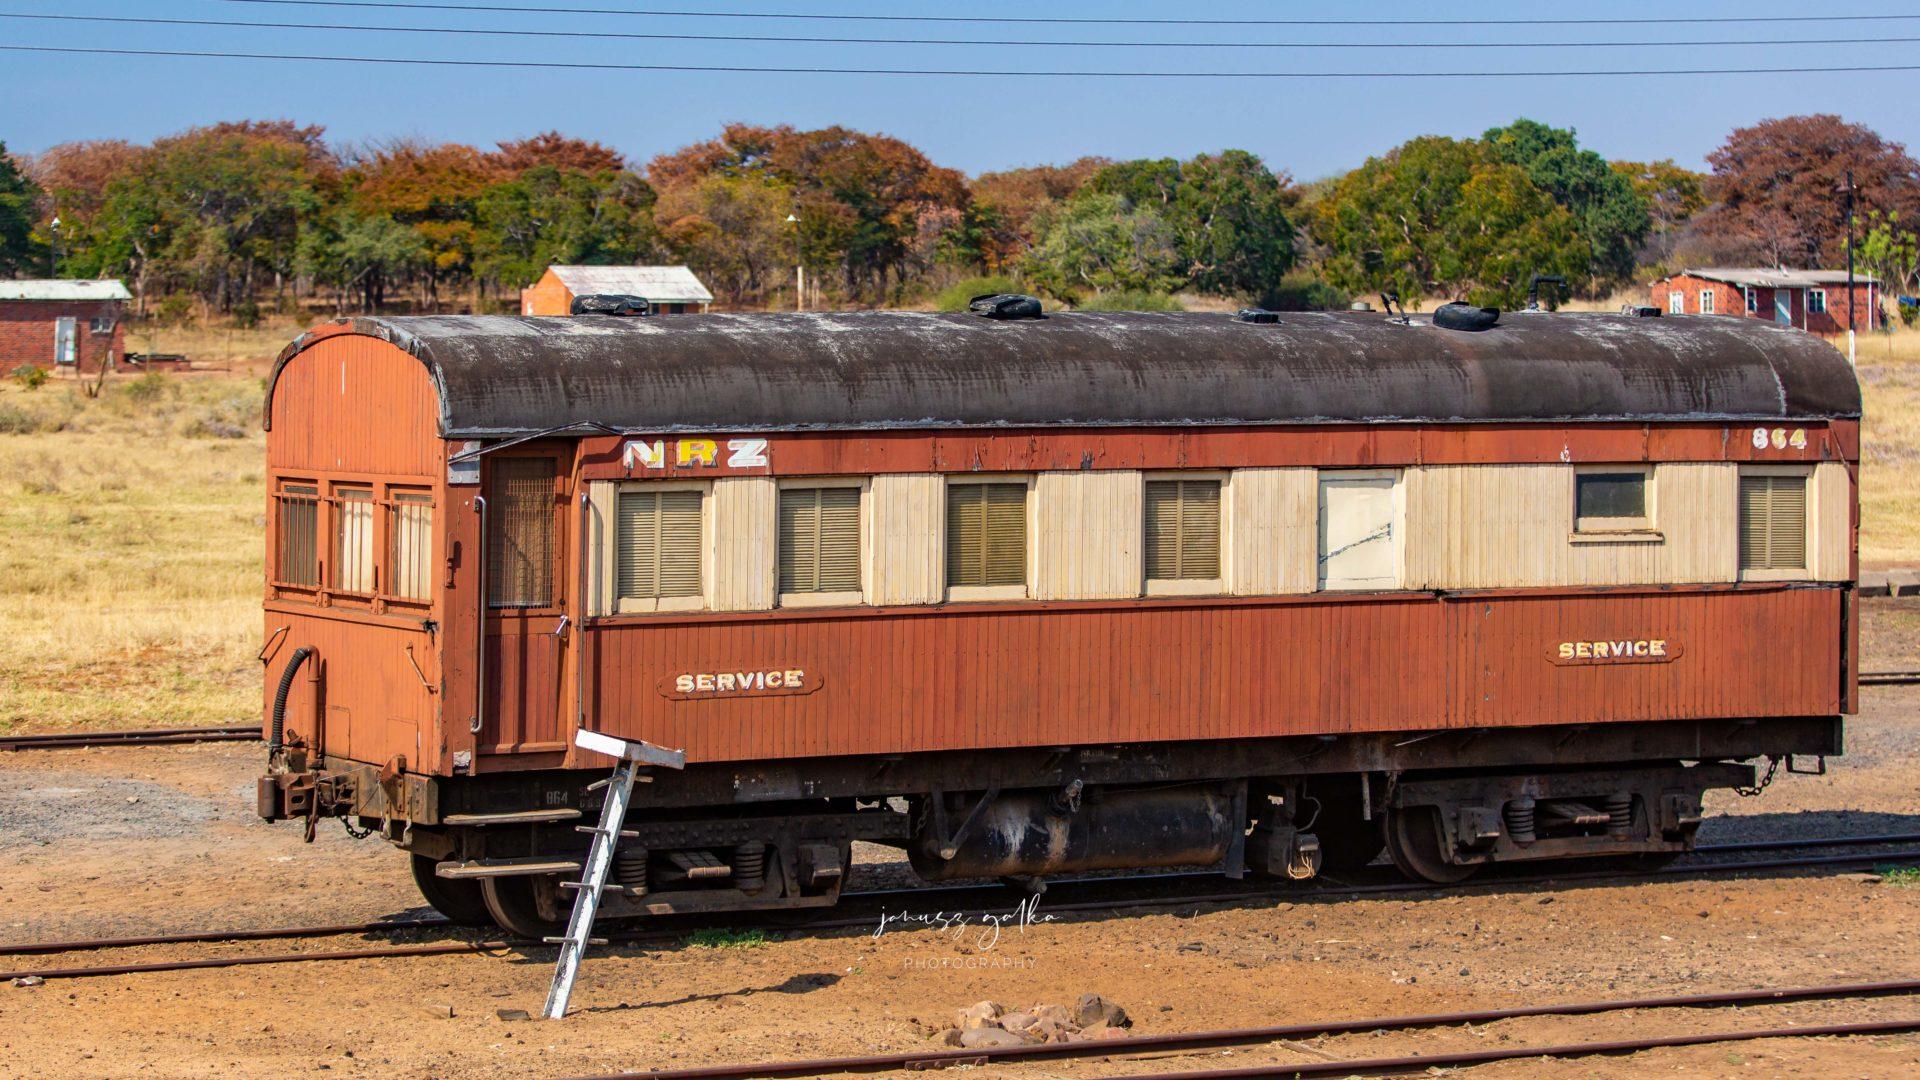 Stacja kolejowa gdzieś w Zimbabwe